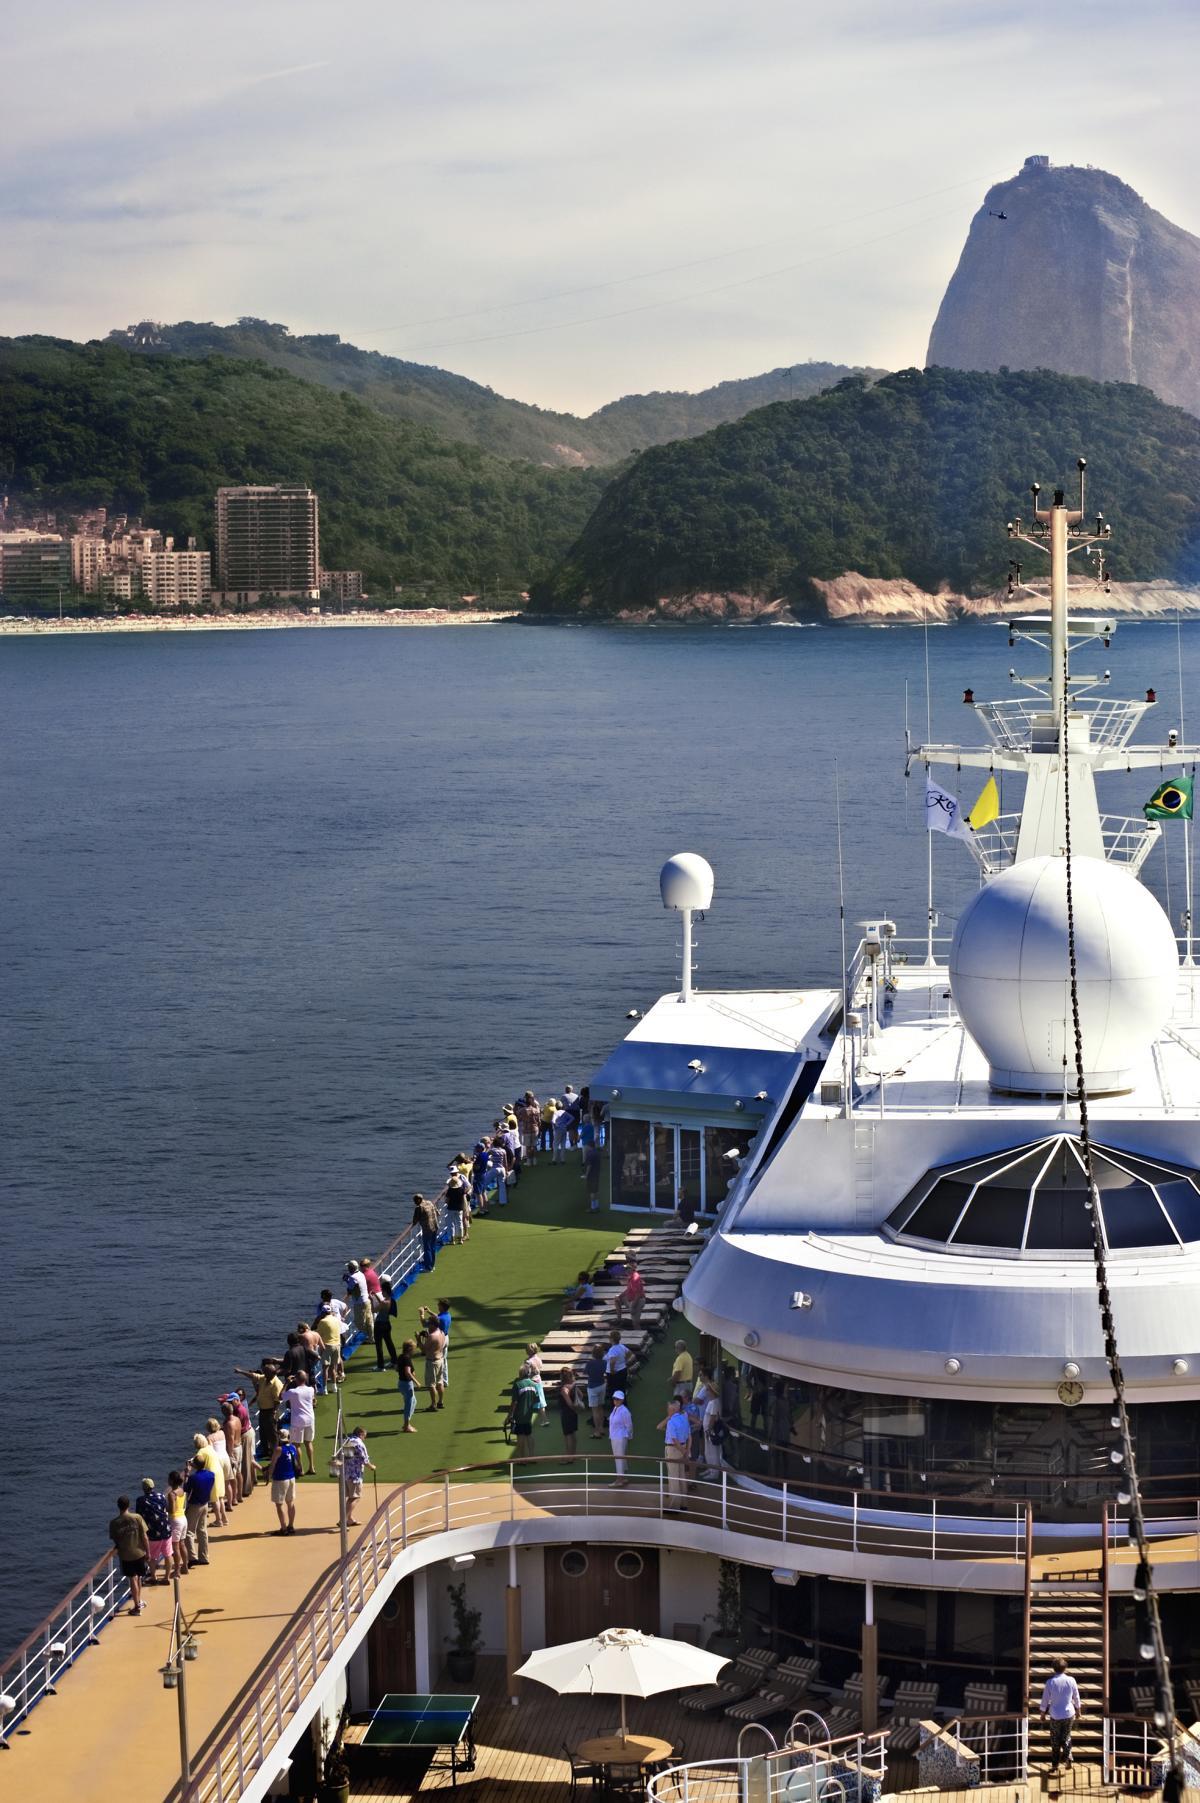 Pooldeck auf der Regent Seven Seas Mariner vor der Küste von Rio de Janeiro mit dem Zuckerhut